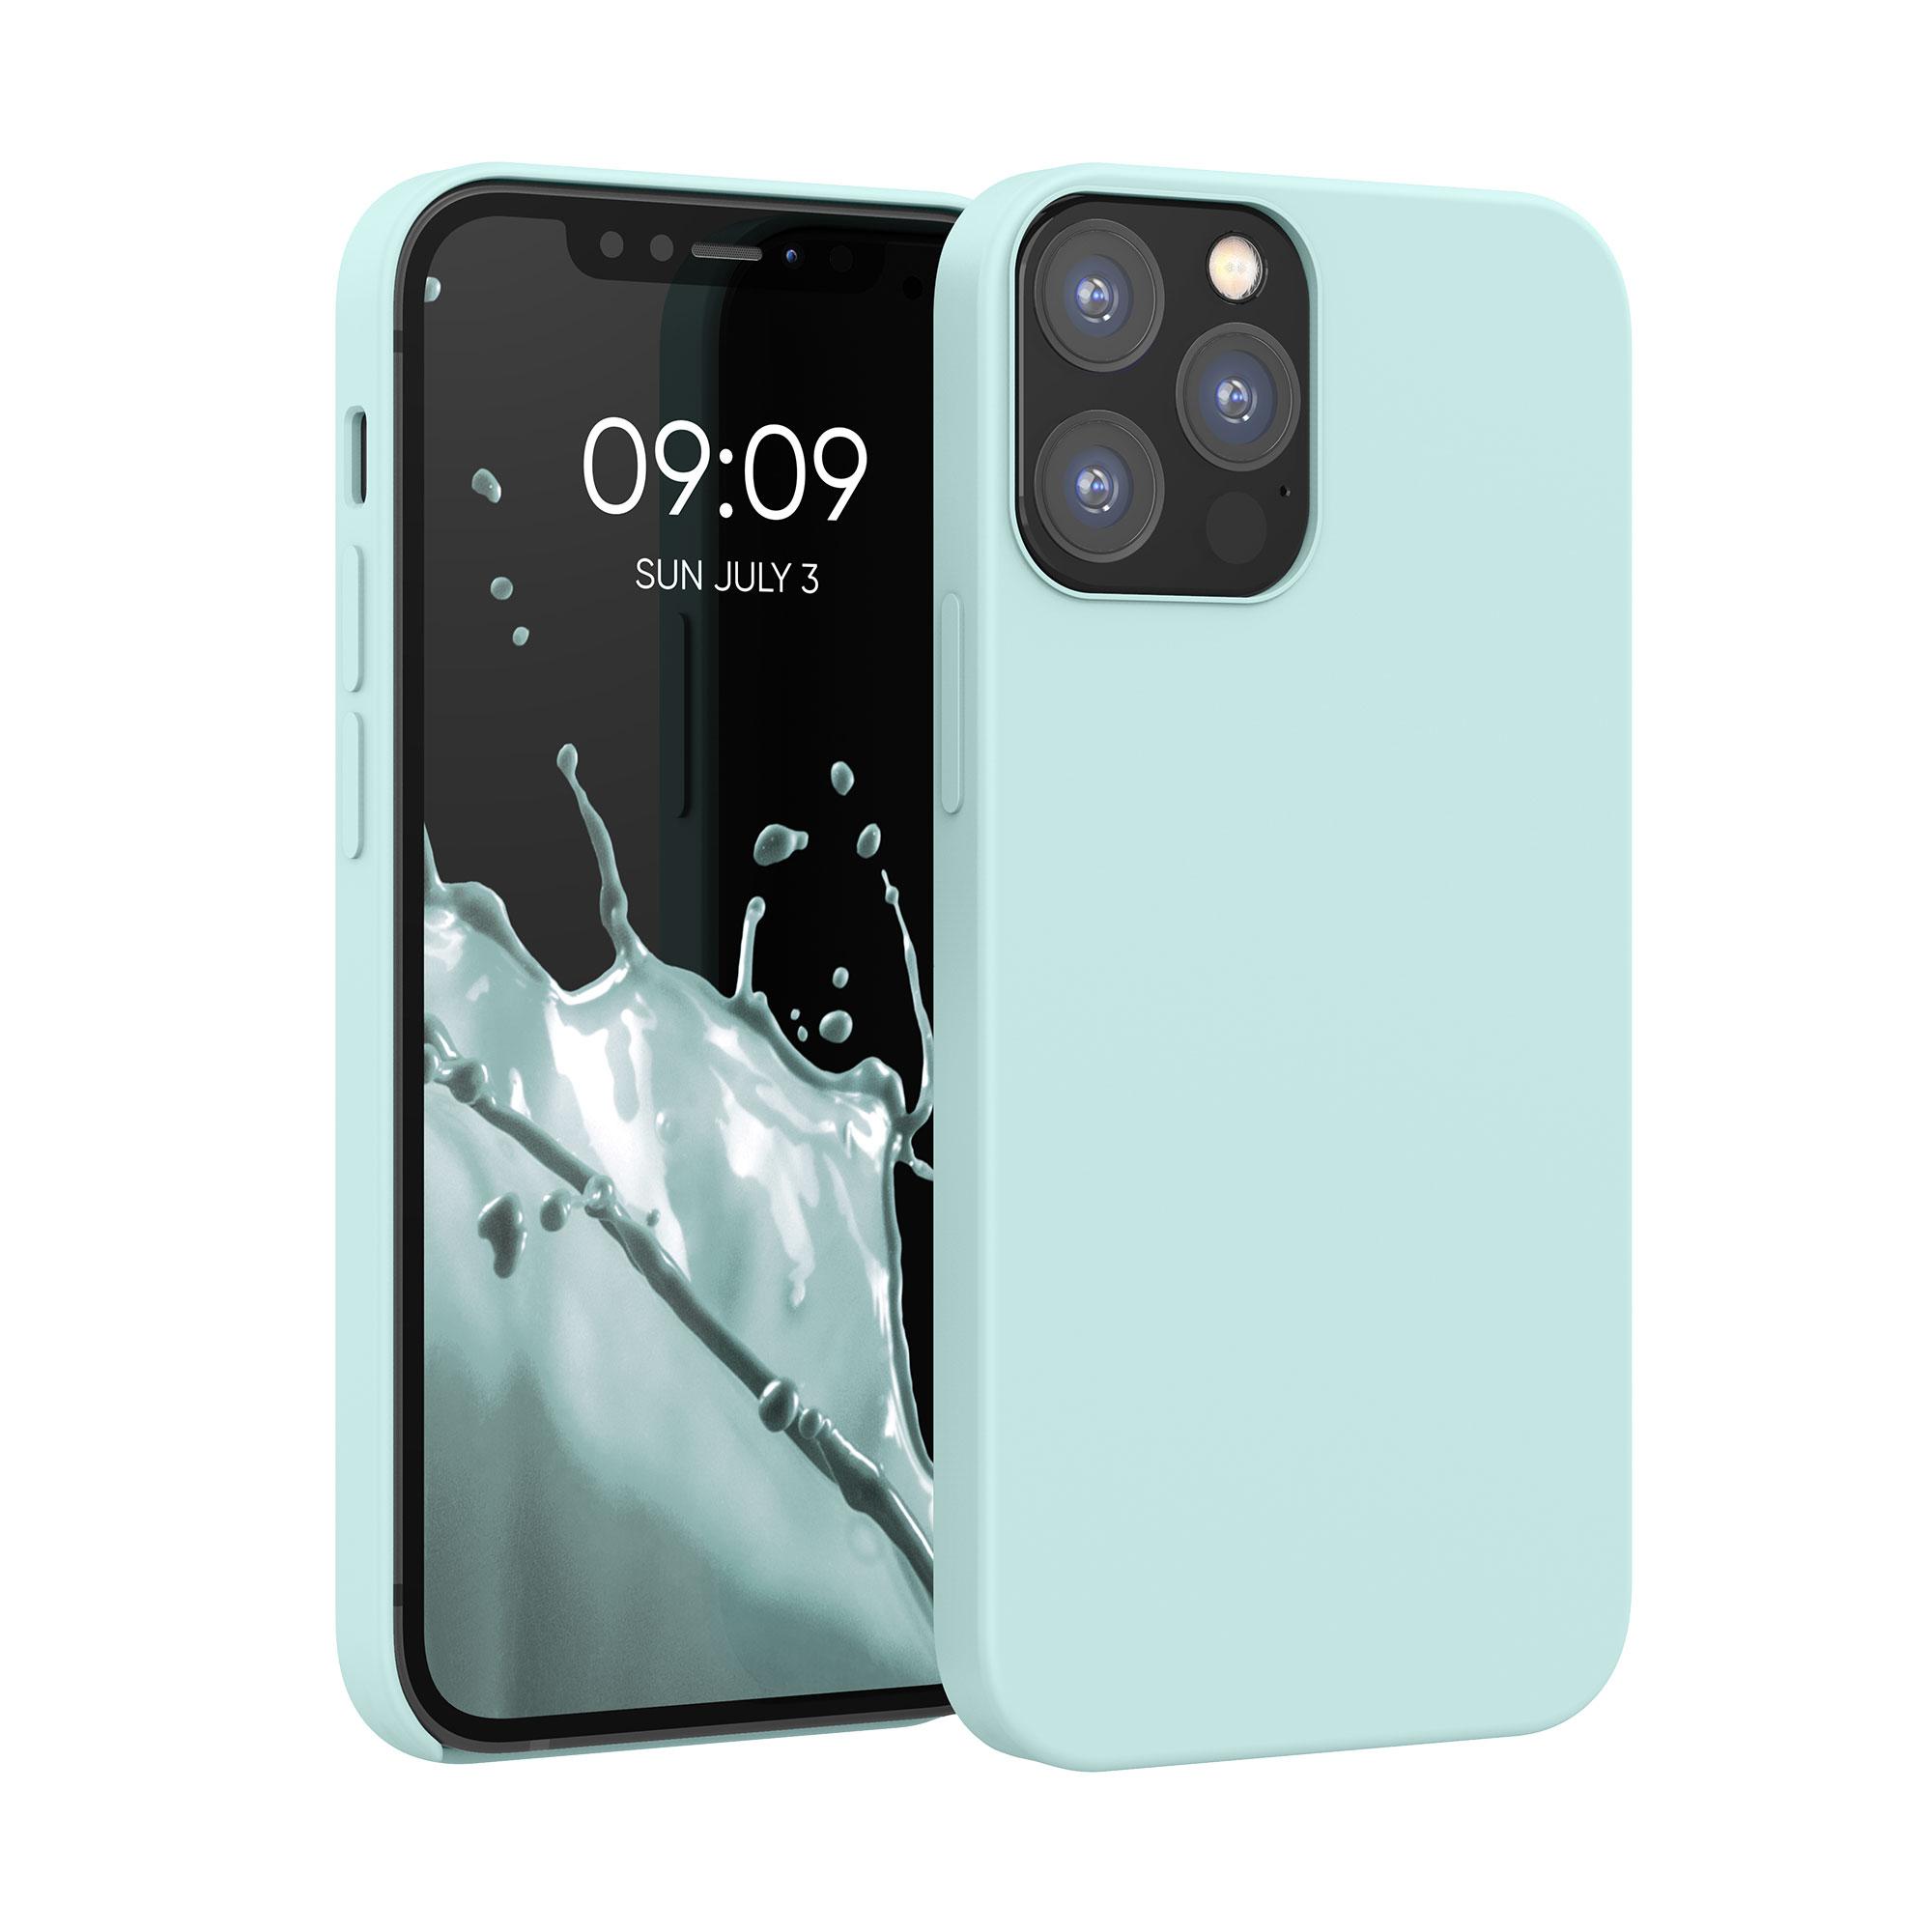 Kvalitní silikonové TPU pouzdro pro Apple iPhone 12 / 12 Pro - Frosty Mint